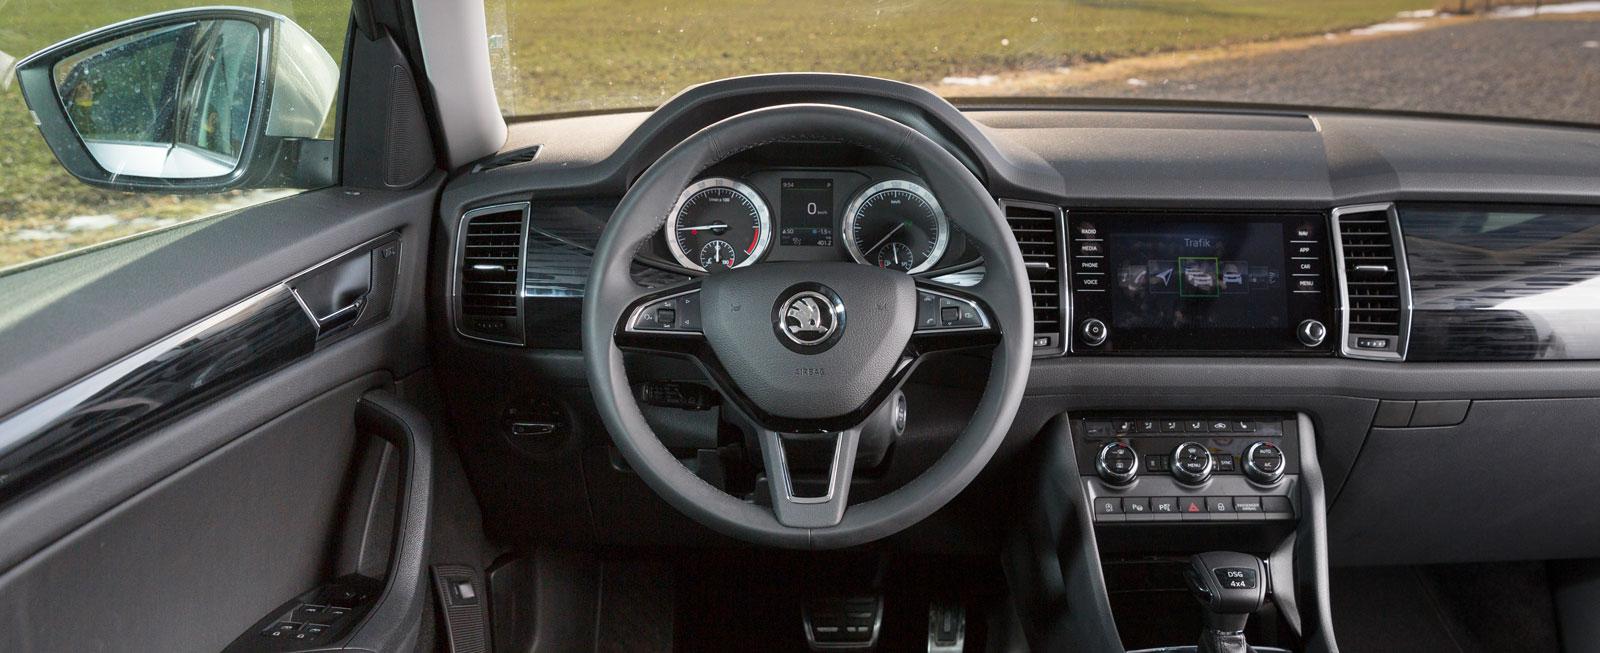 Testets välutrustade Kodiaq känns nästan som en lyxbil för föraren. Vettiga reglage i det mesta, bra körställning, utmärkt sikt och gott om prylplatser.